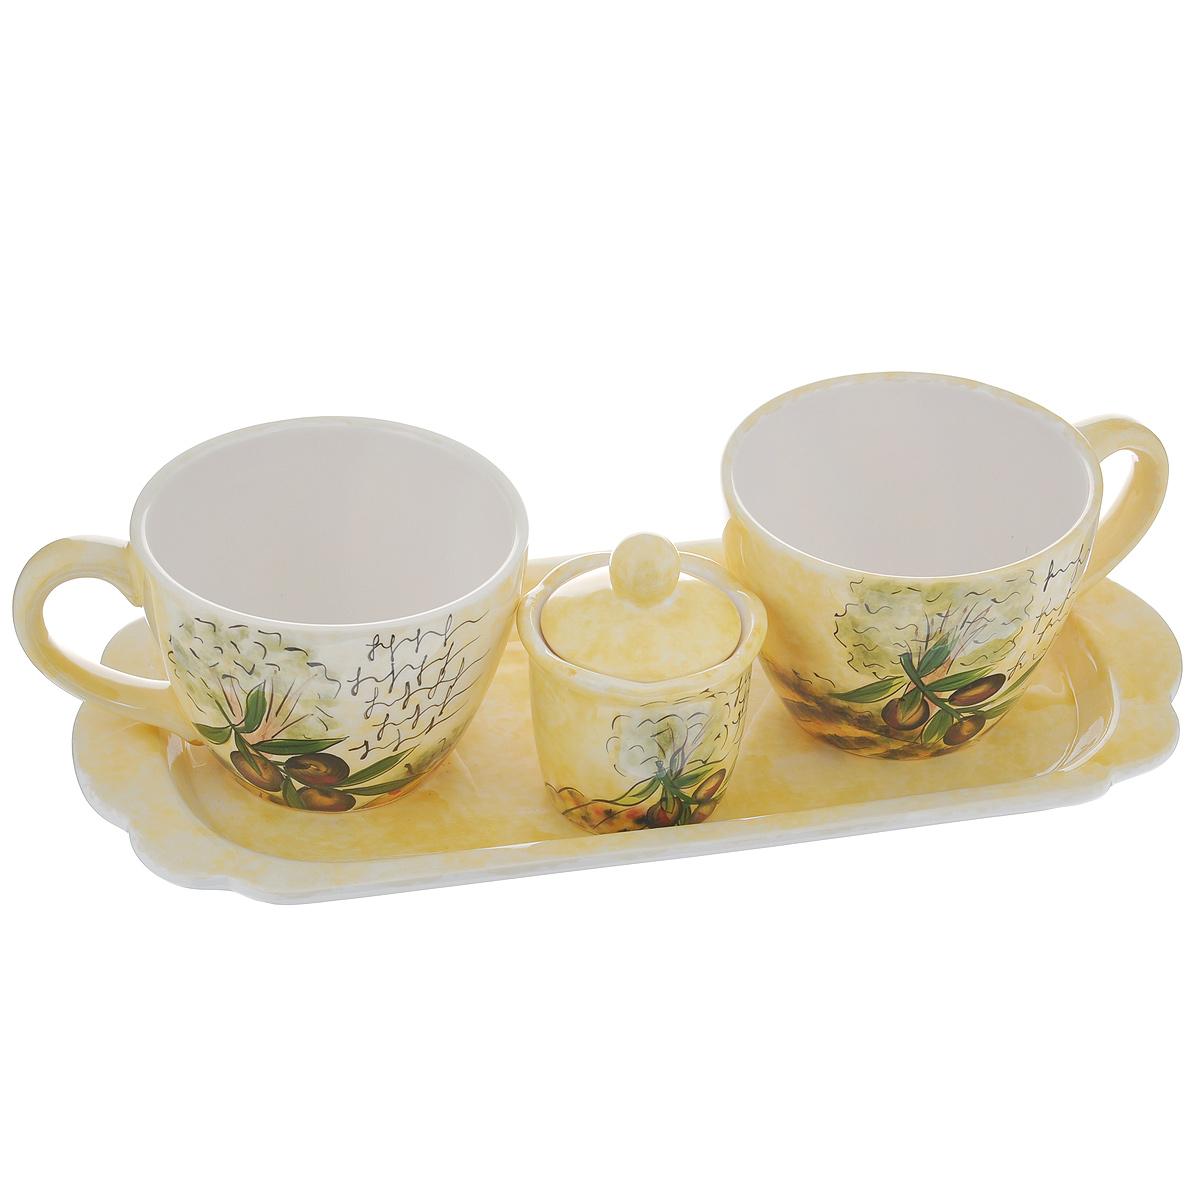 Набор чайный Маслины, 4 предметаDFC02063-02208 4/SНабор чайный Маслины состоит из двух чашек, сахарницы и подставки. Набор выполнен из доломитовой керамики и декорирован изображением маслин. Оригинальный дизайн, эстетичность и функциональность набора позволят ему стать достойным дополнением к кухонному инвентарю. Можно мыть в посудомоечной машине на минимальной температуре. Объем чашки: 480 мл. Диаметр чашки (по верхнему краю): 10,5 см. Высота чашки: 8 см. Размер подставки: 35 см х 16 см х 2,5 см. Объем сахарницы: 100 мл. Диаметр сахарницы (по верхнему краю): 7,5 см. Высота сахарницы (без учета крышки): 6 см.